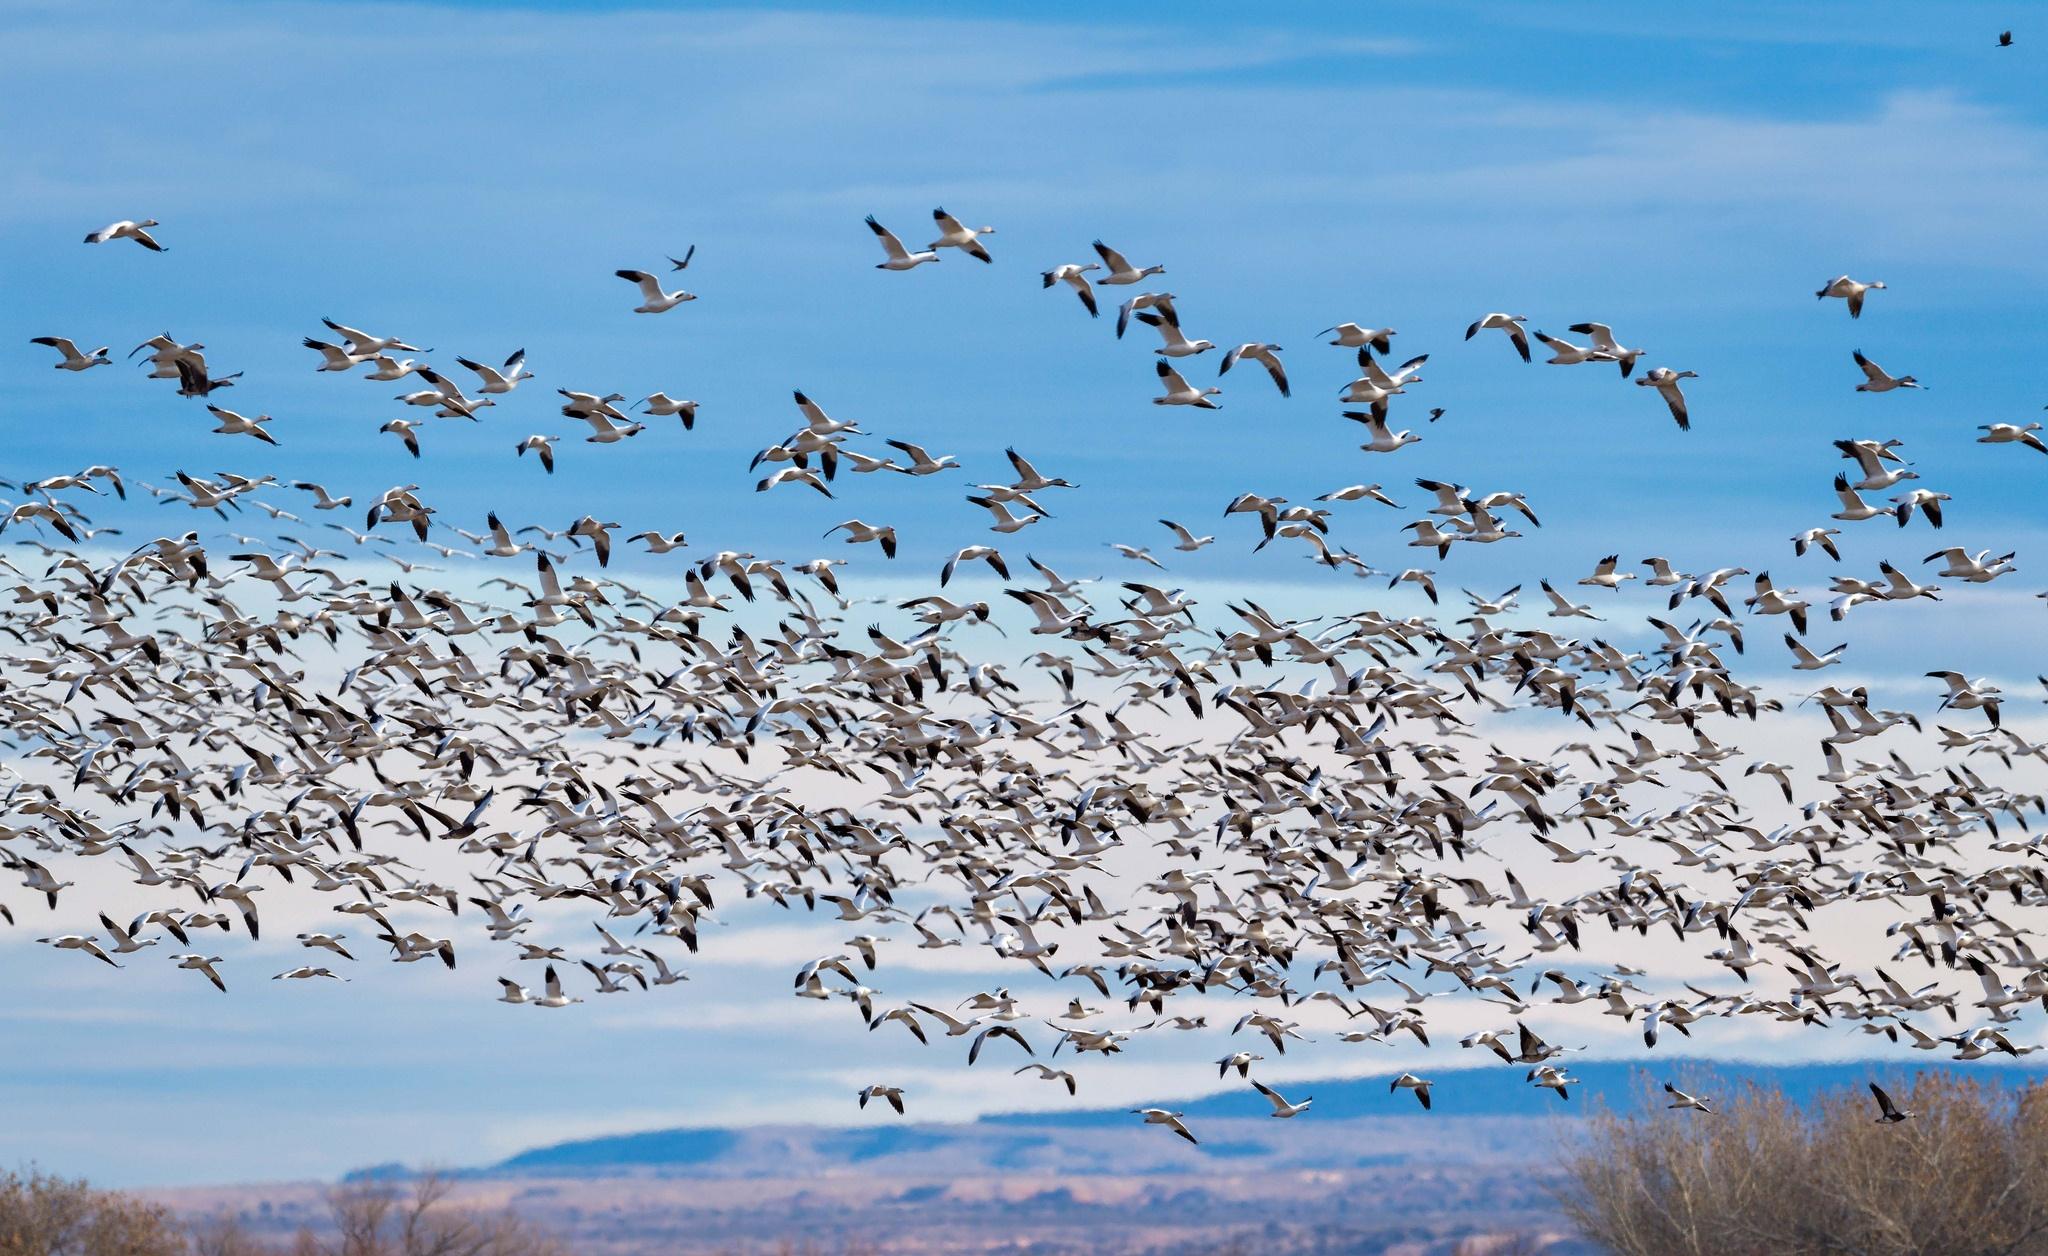 это перелет птиц в картинках без